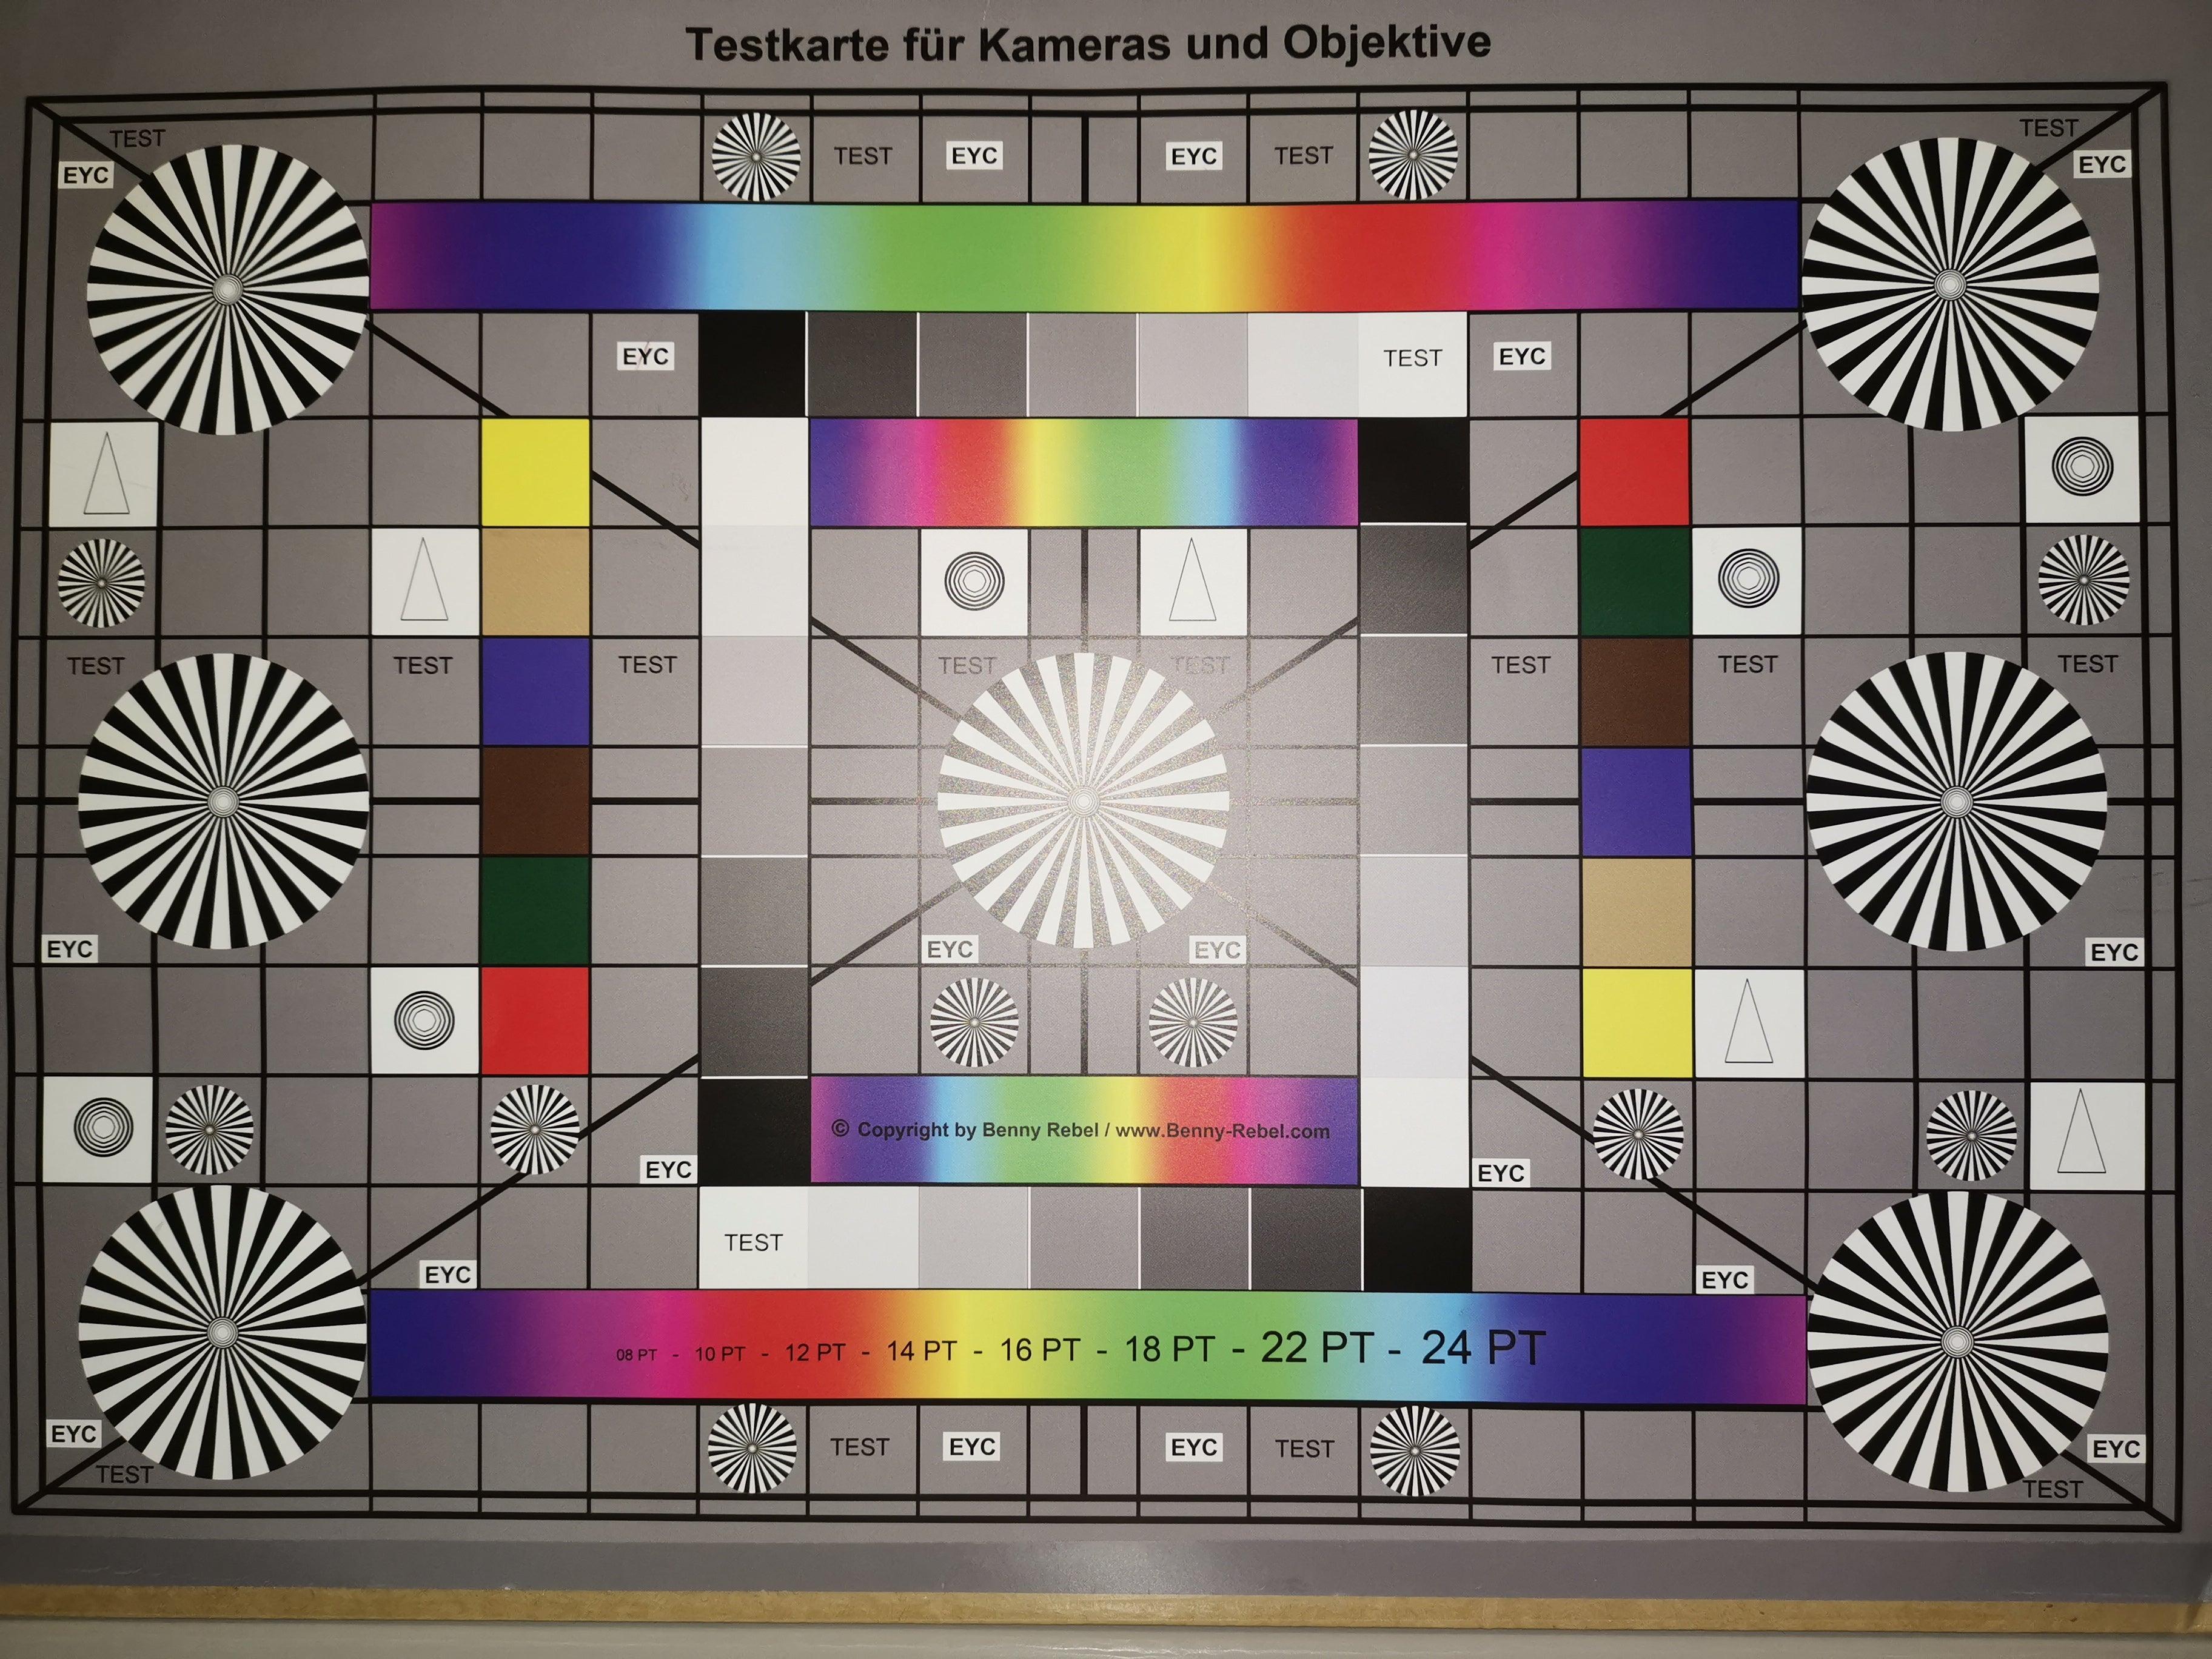 Test-Chart mit Blitz, aufgenommen mit dem Huawei Mate 20 X